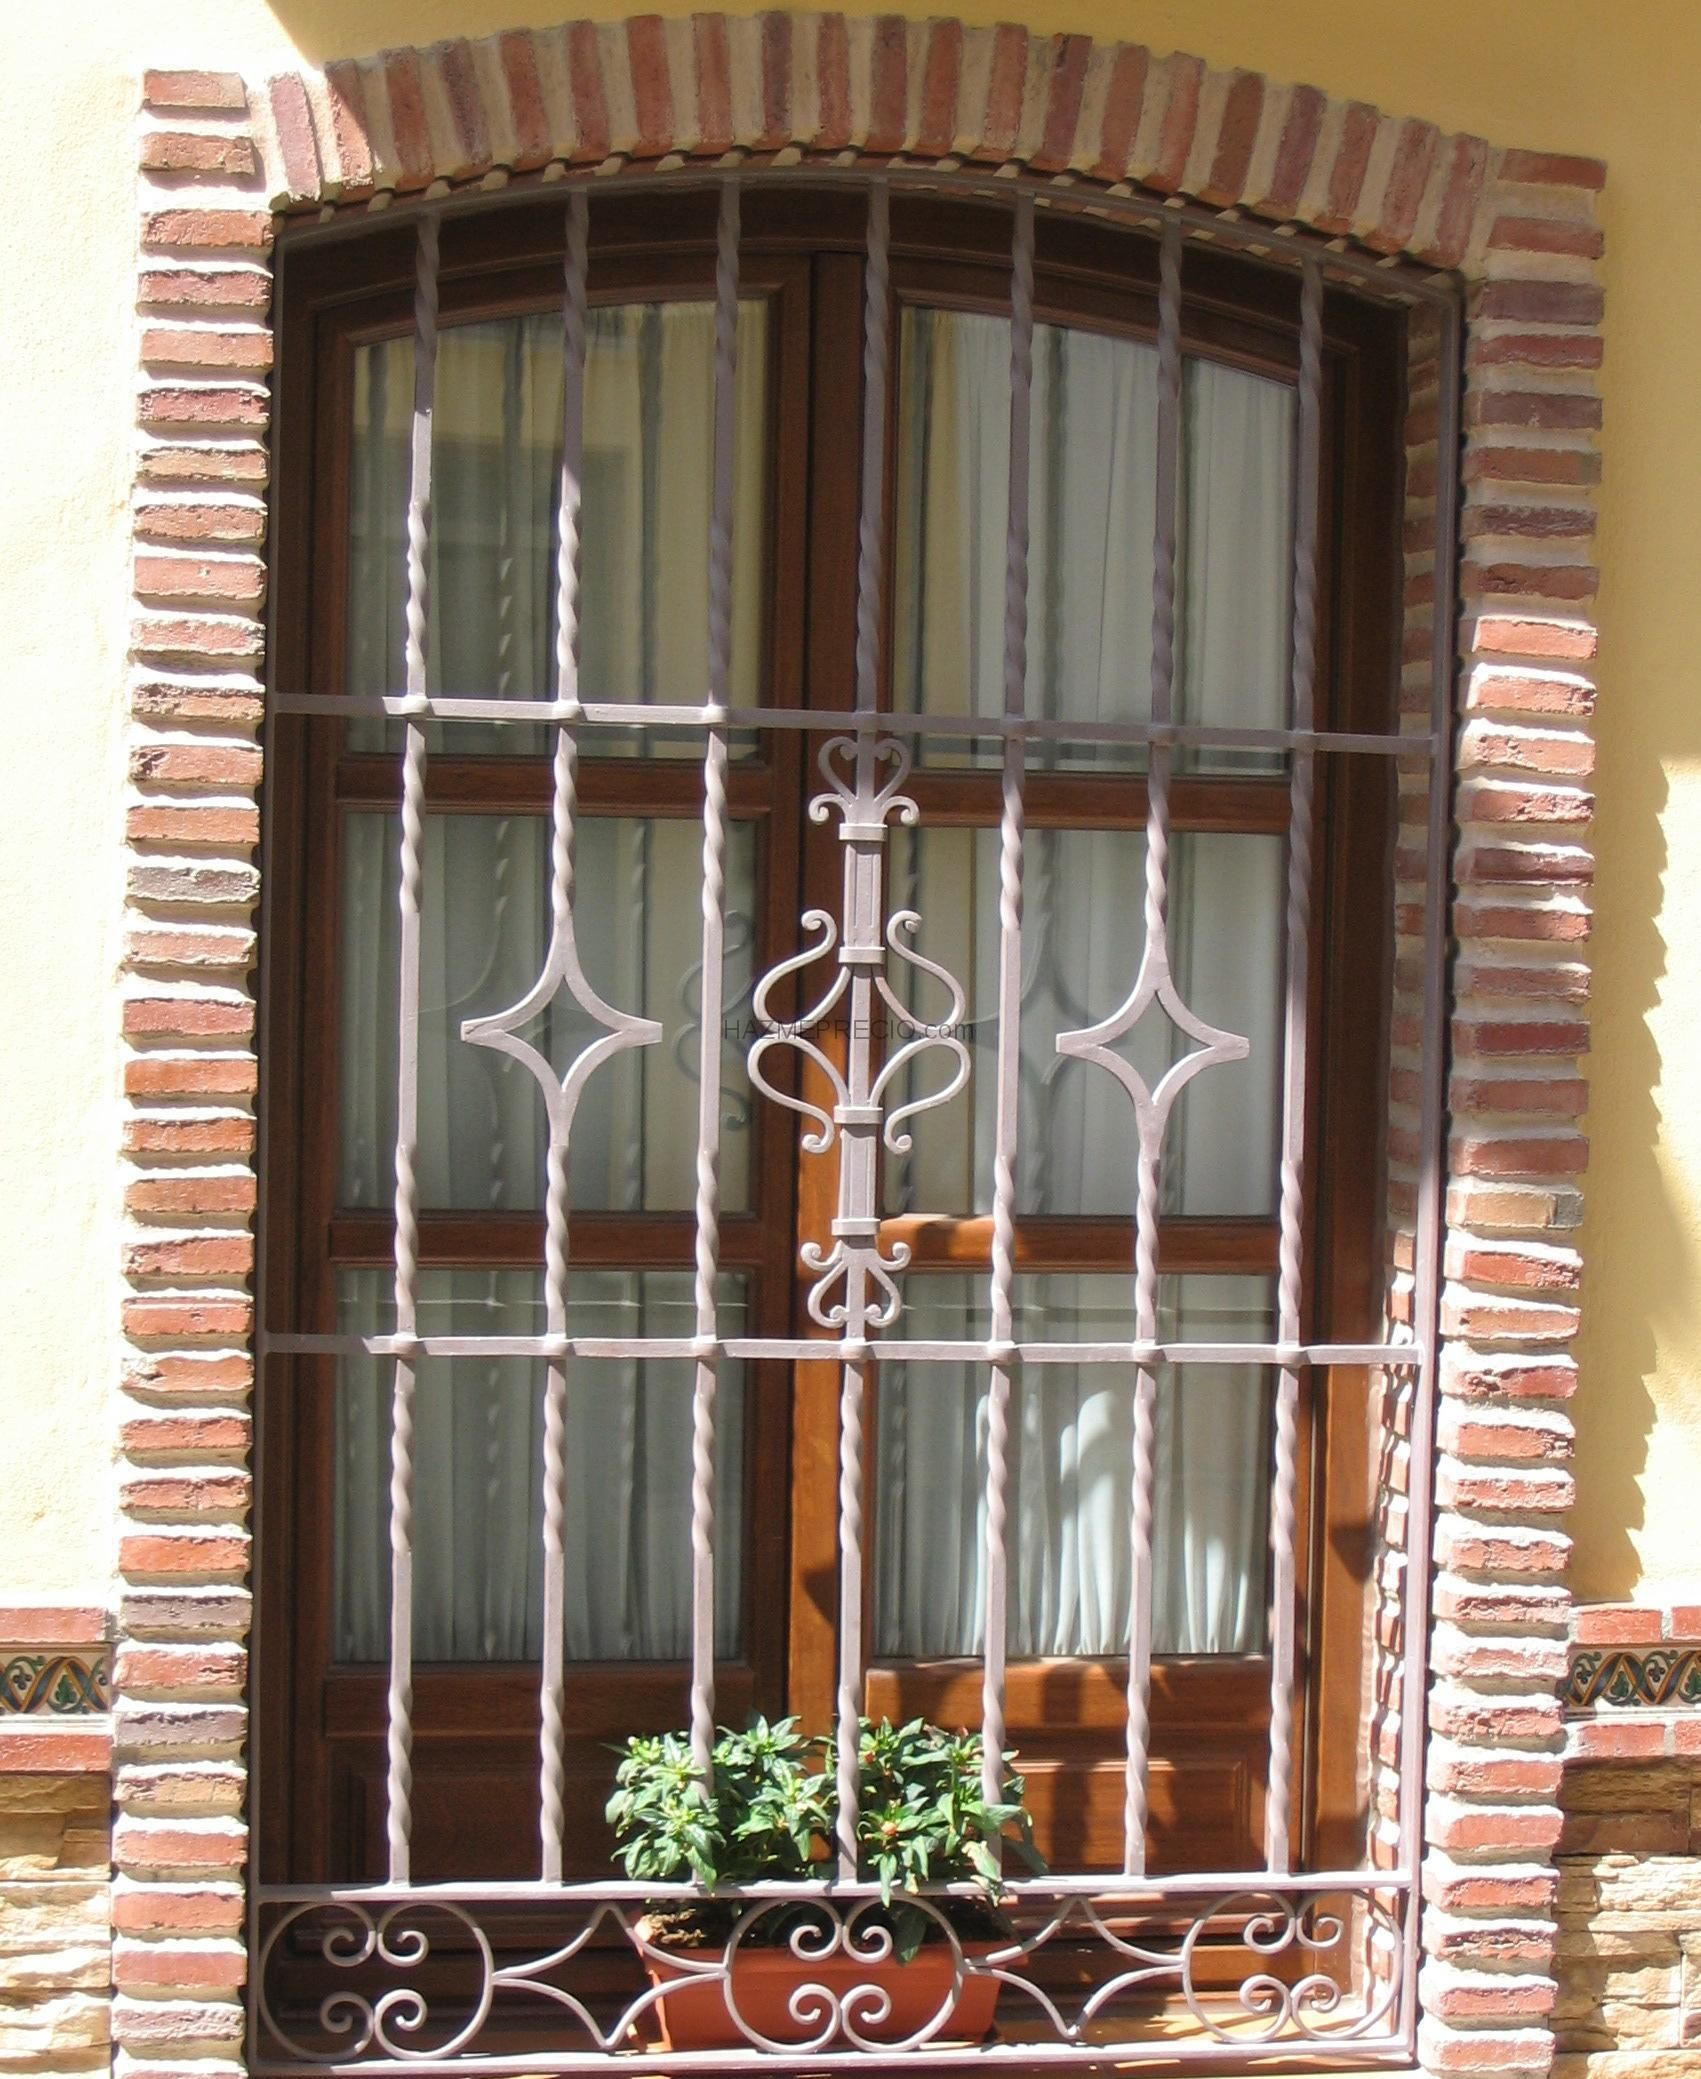 Rejas artisticas for the home en 2019 ventanas rejas for Puertas y ventanas de hierro antiguas